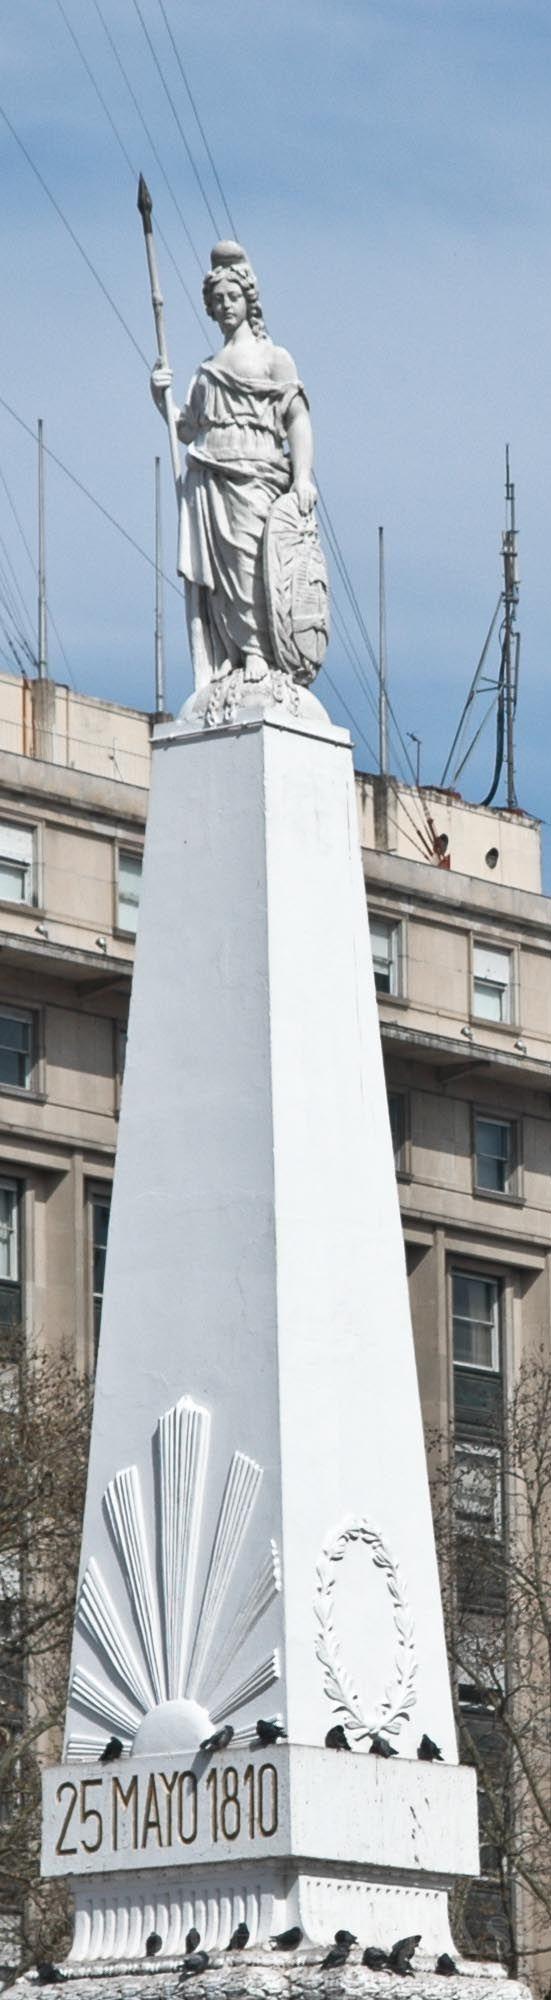 Monumento Plaza del 25 de Mayo , conocida como Piramide de Mayo , es un emblema…